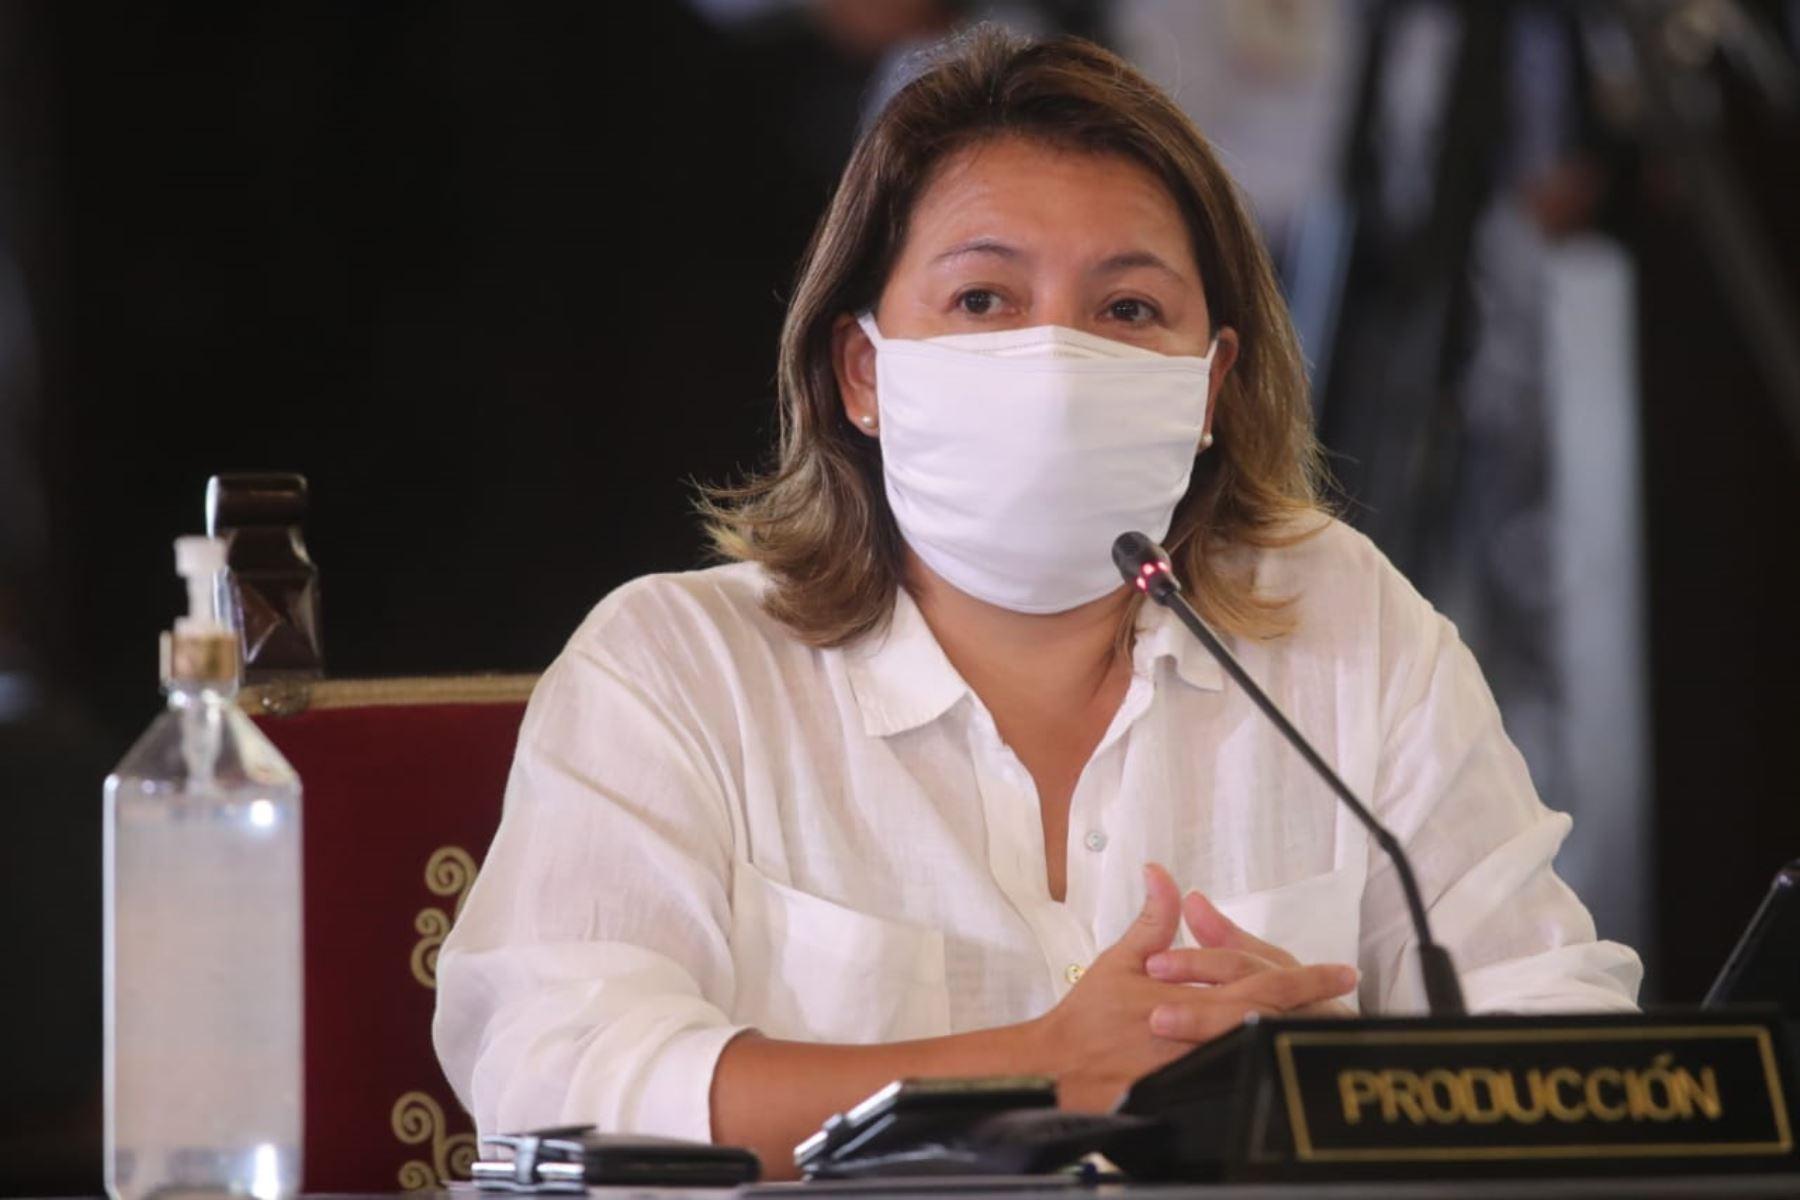 La Ministra de la Producción Rocío Barrios informa las medidas adoptadas por  su sector, en el marco del estado de emergencia nacional por el coronavirus (covid-19). Foto: ANDINA/ Prensa Presidencia